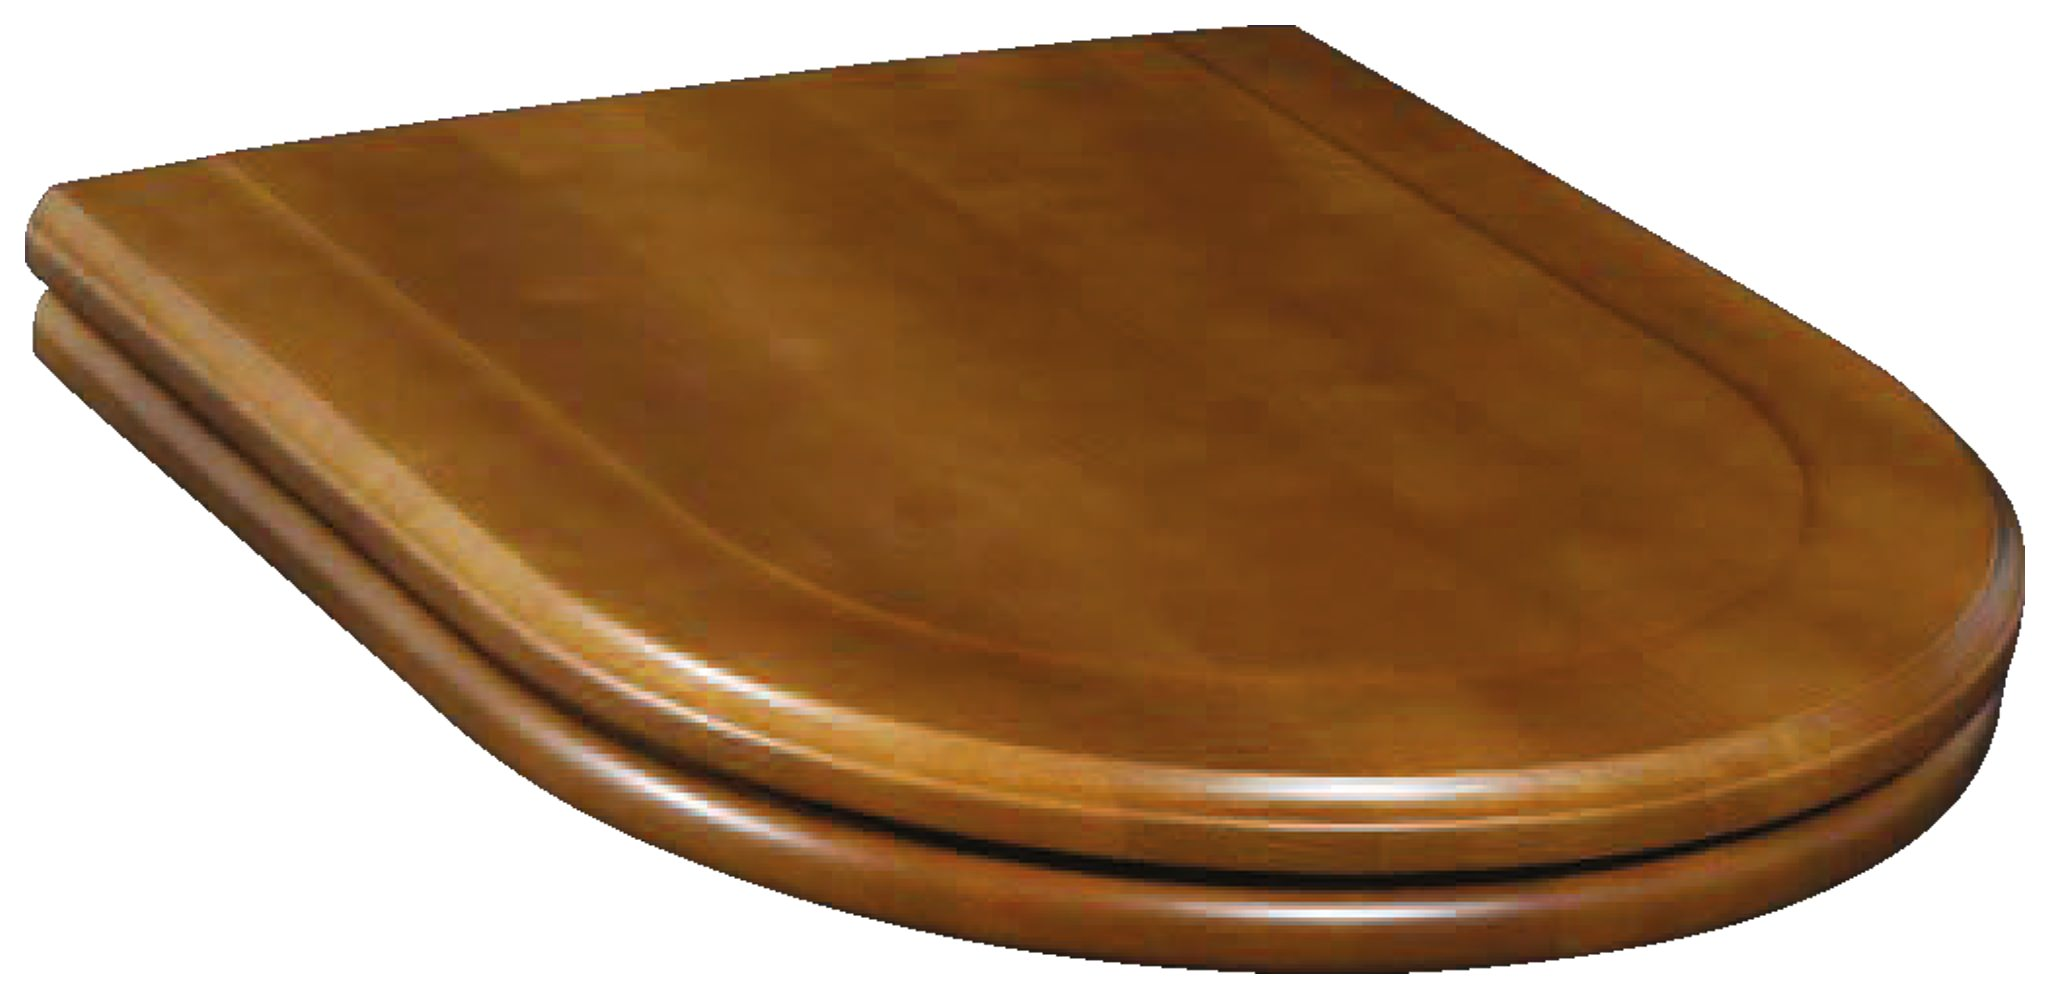 villeroy boch hommage wc sitz ohne absenkautomatik nussbaum gebeizt edelstahl 9926k100. Black Bedroom Furniture Sets. Home Design Ideas